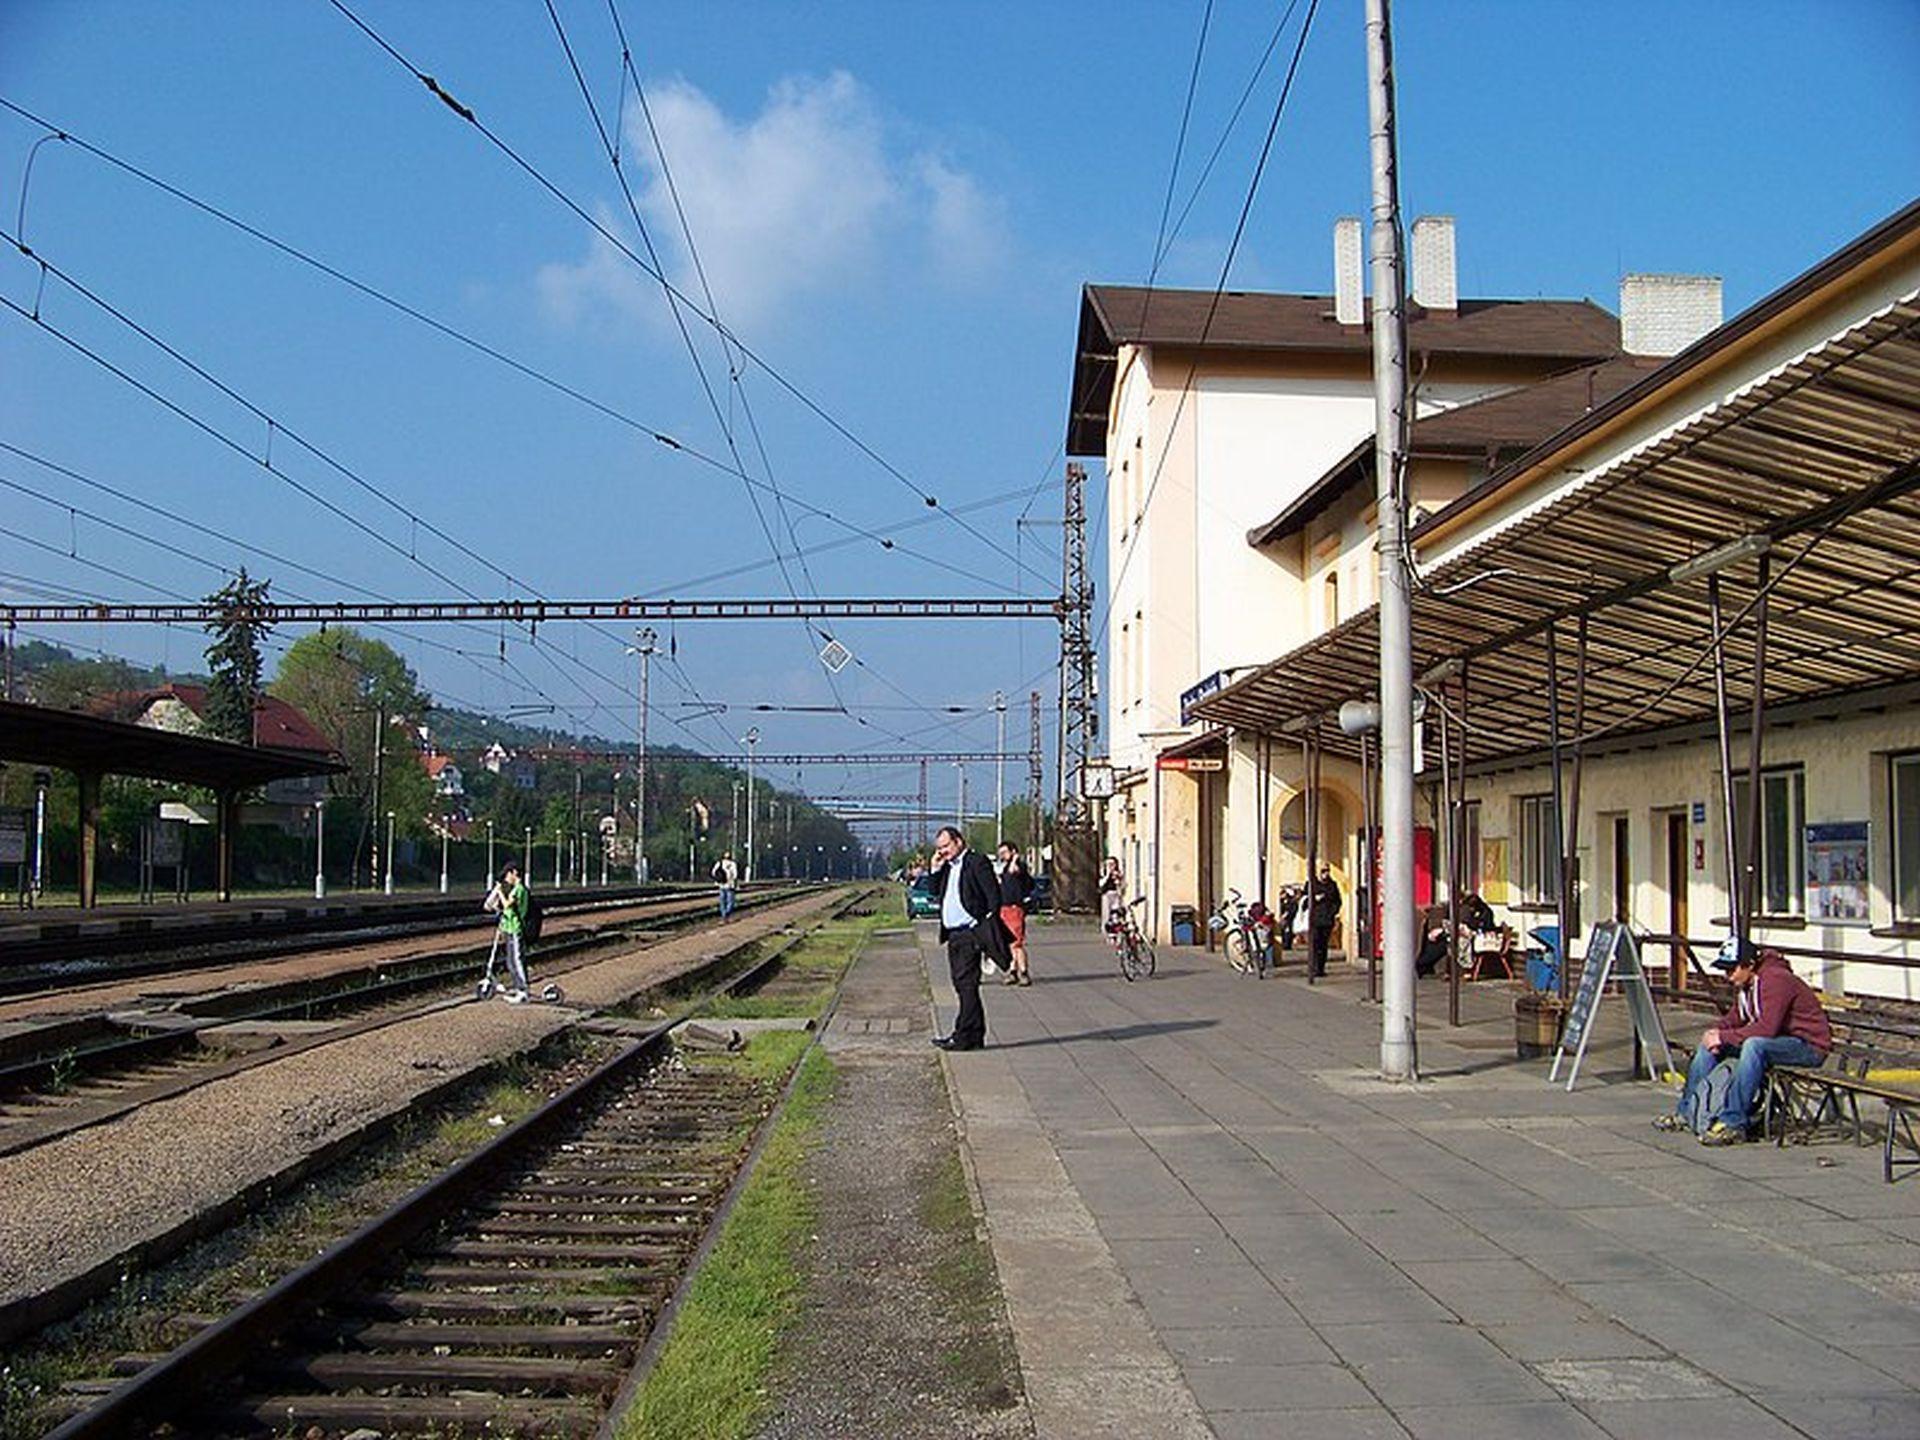 Stanice Praha - Radotín, původní stav. Foto: ŠJů/Wikimedia Commons